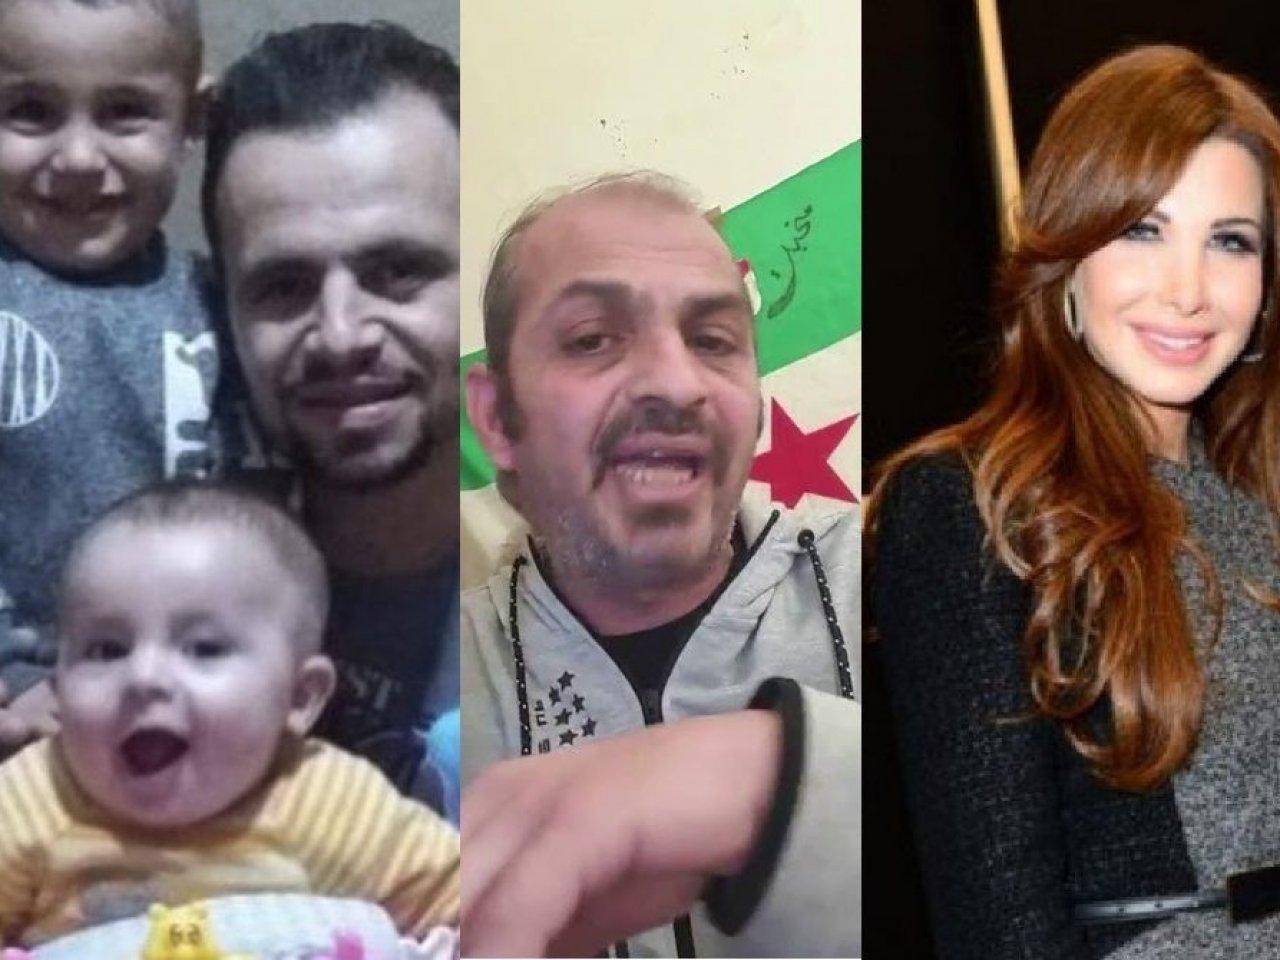 محكمة ألمانية تحكم بالسجن على لاجئ سوري هدد عائلة نانسي عجرم